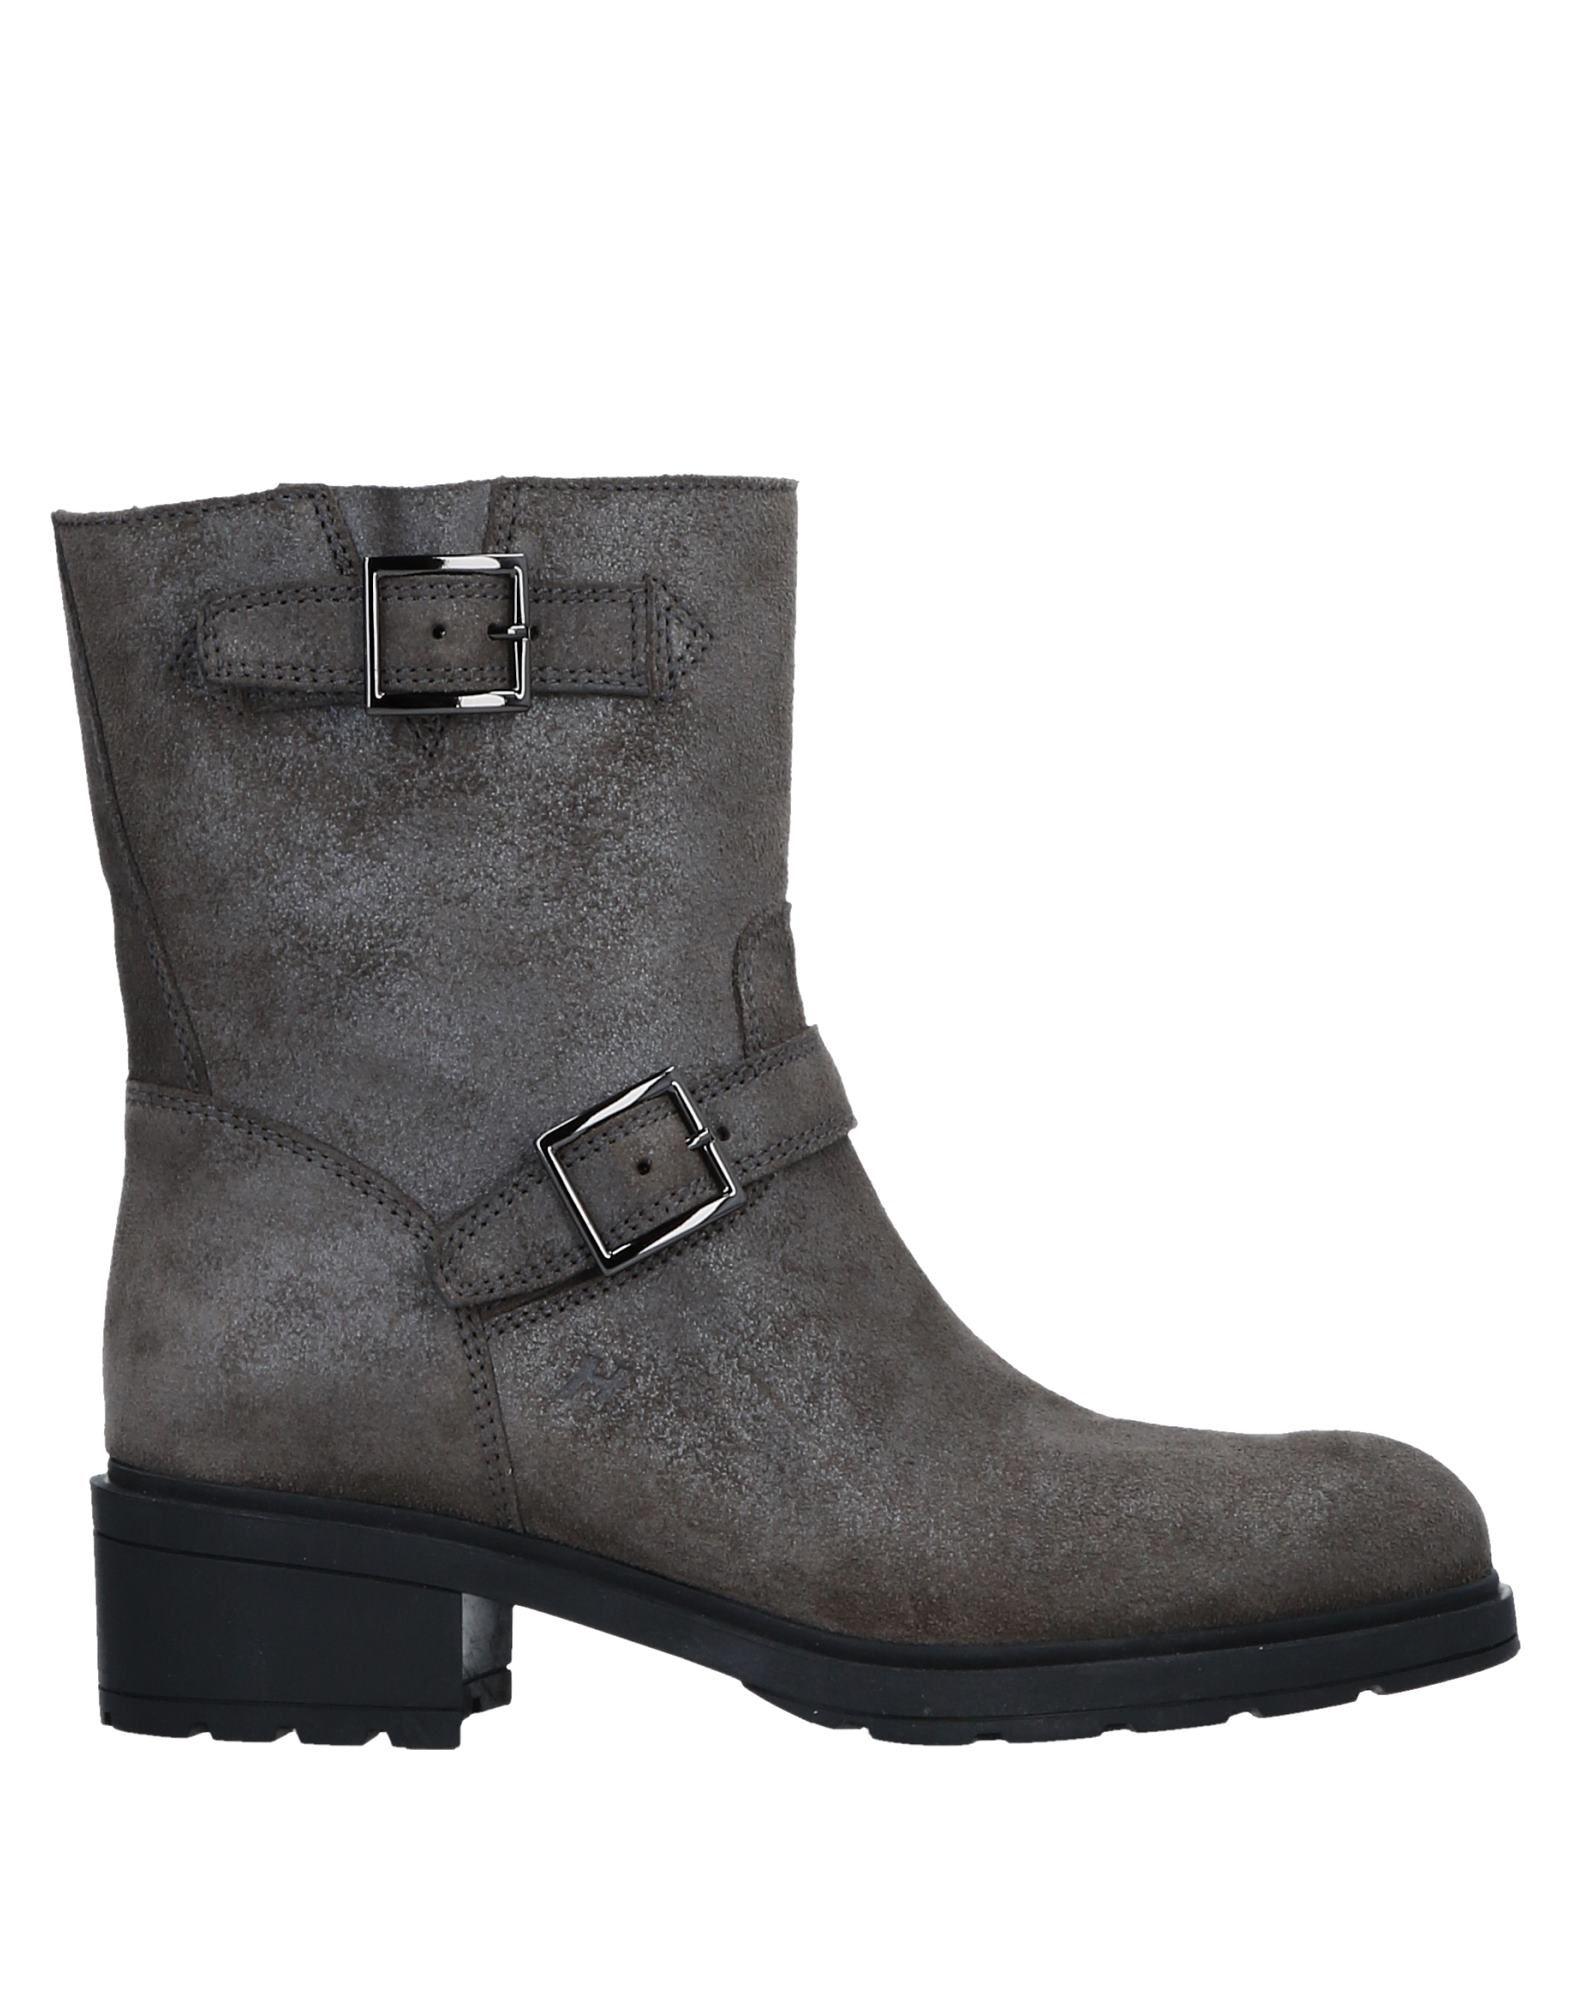 Rabatt Schuhe Hogan Stiefelette Damen  11230286RO